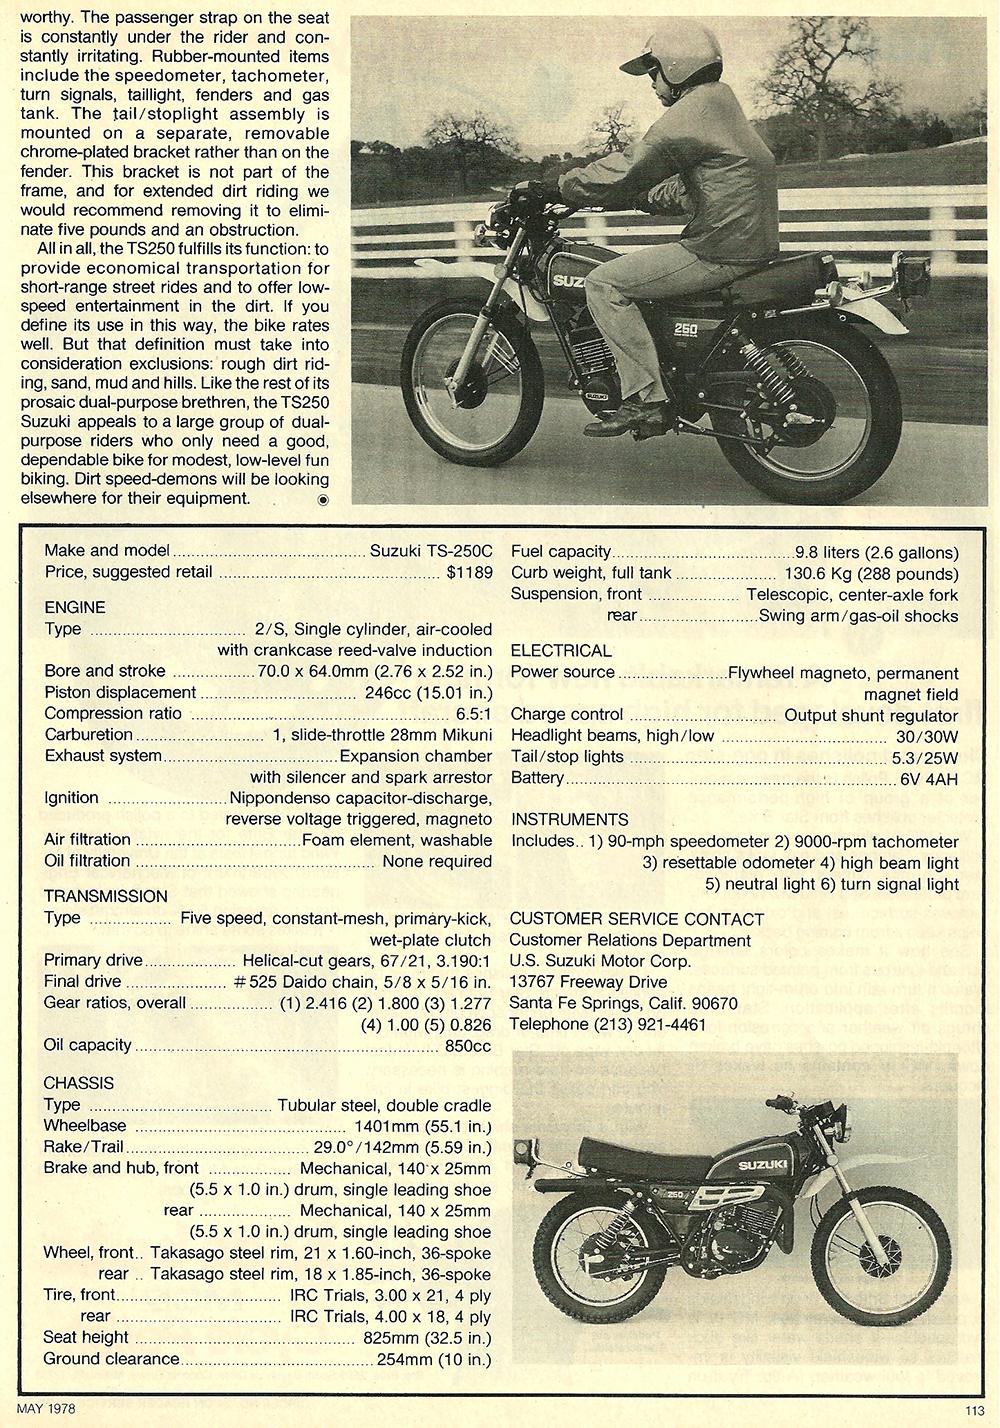 1978 Suzuki TS250 road test 05.jpg